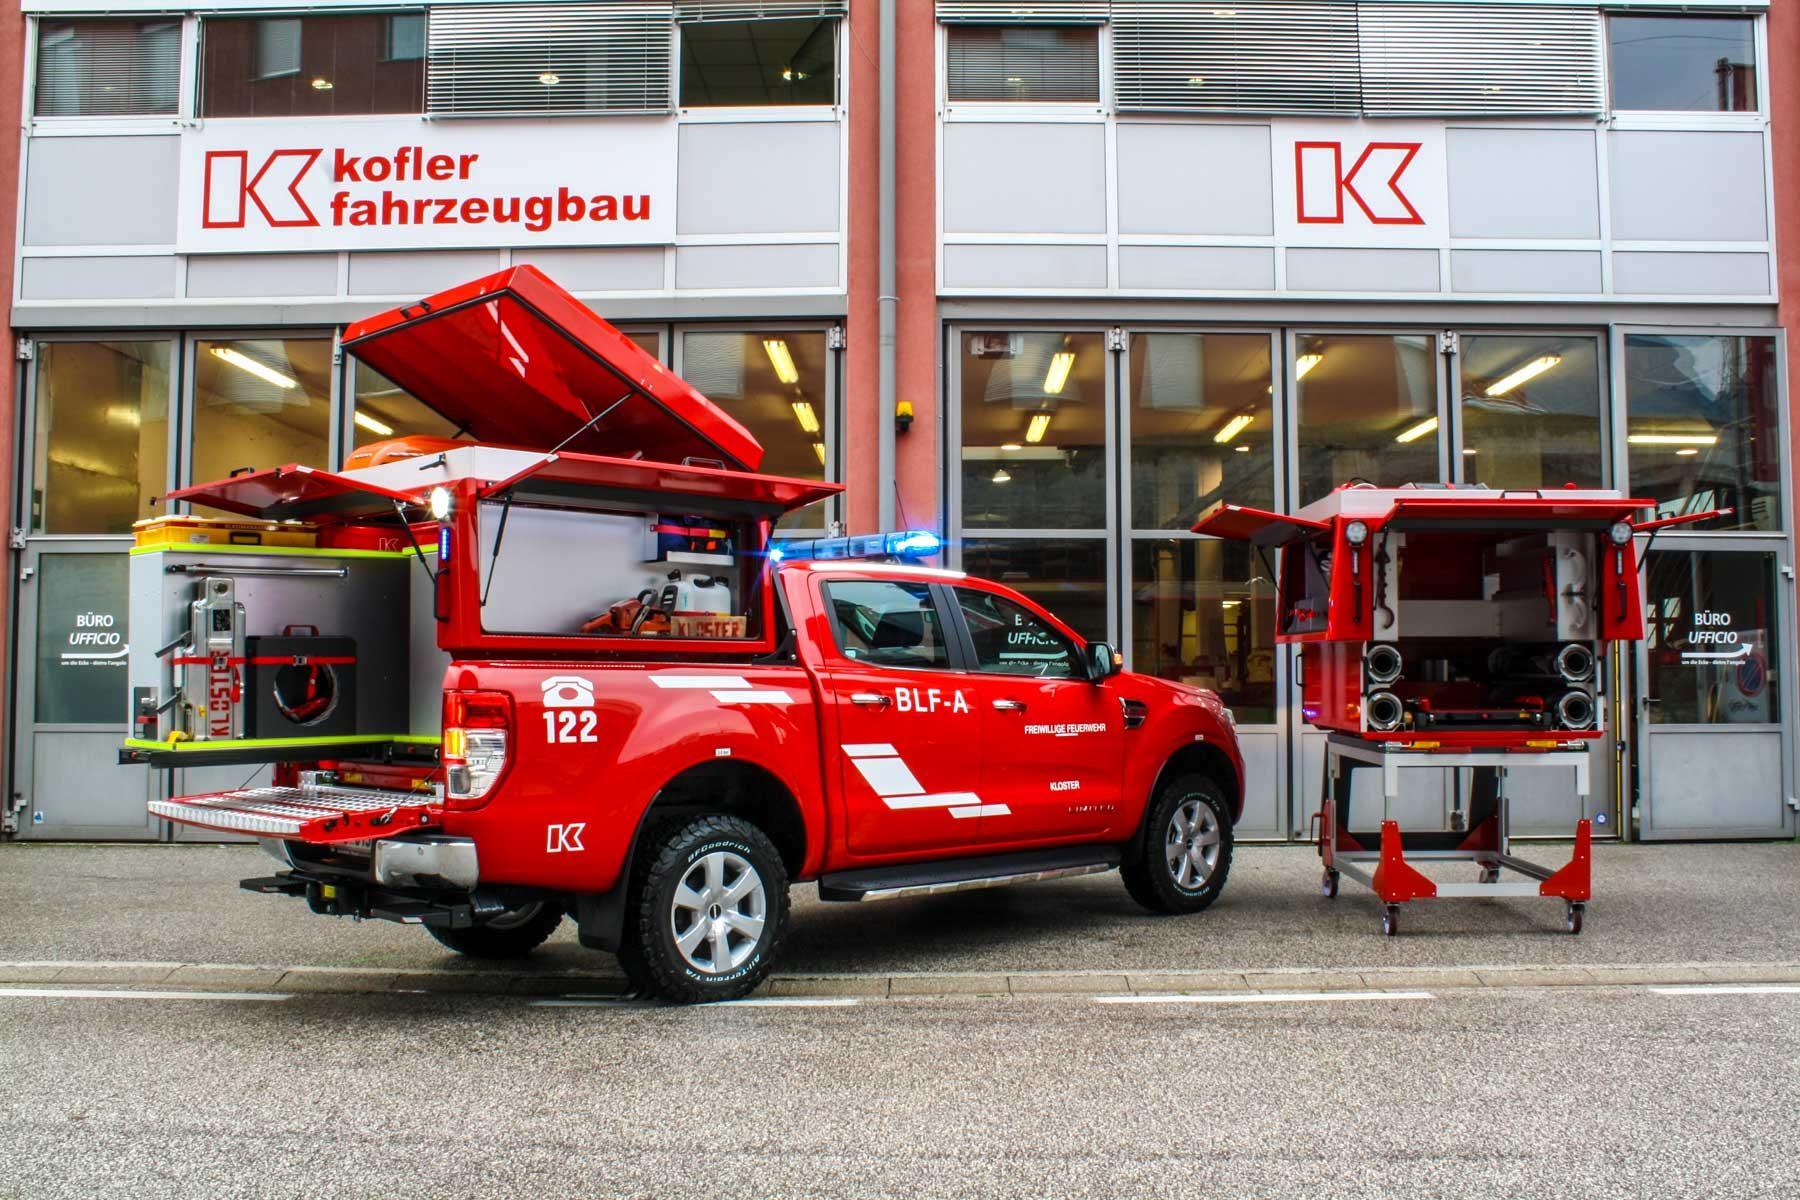 Kofler-Fahrzeugbau-FF-Kloster